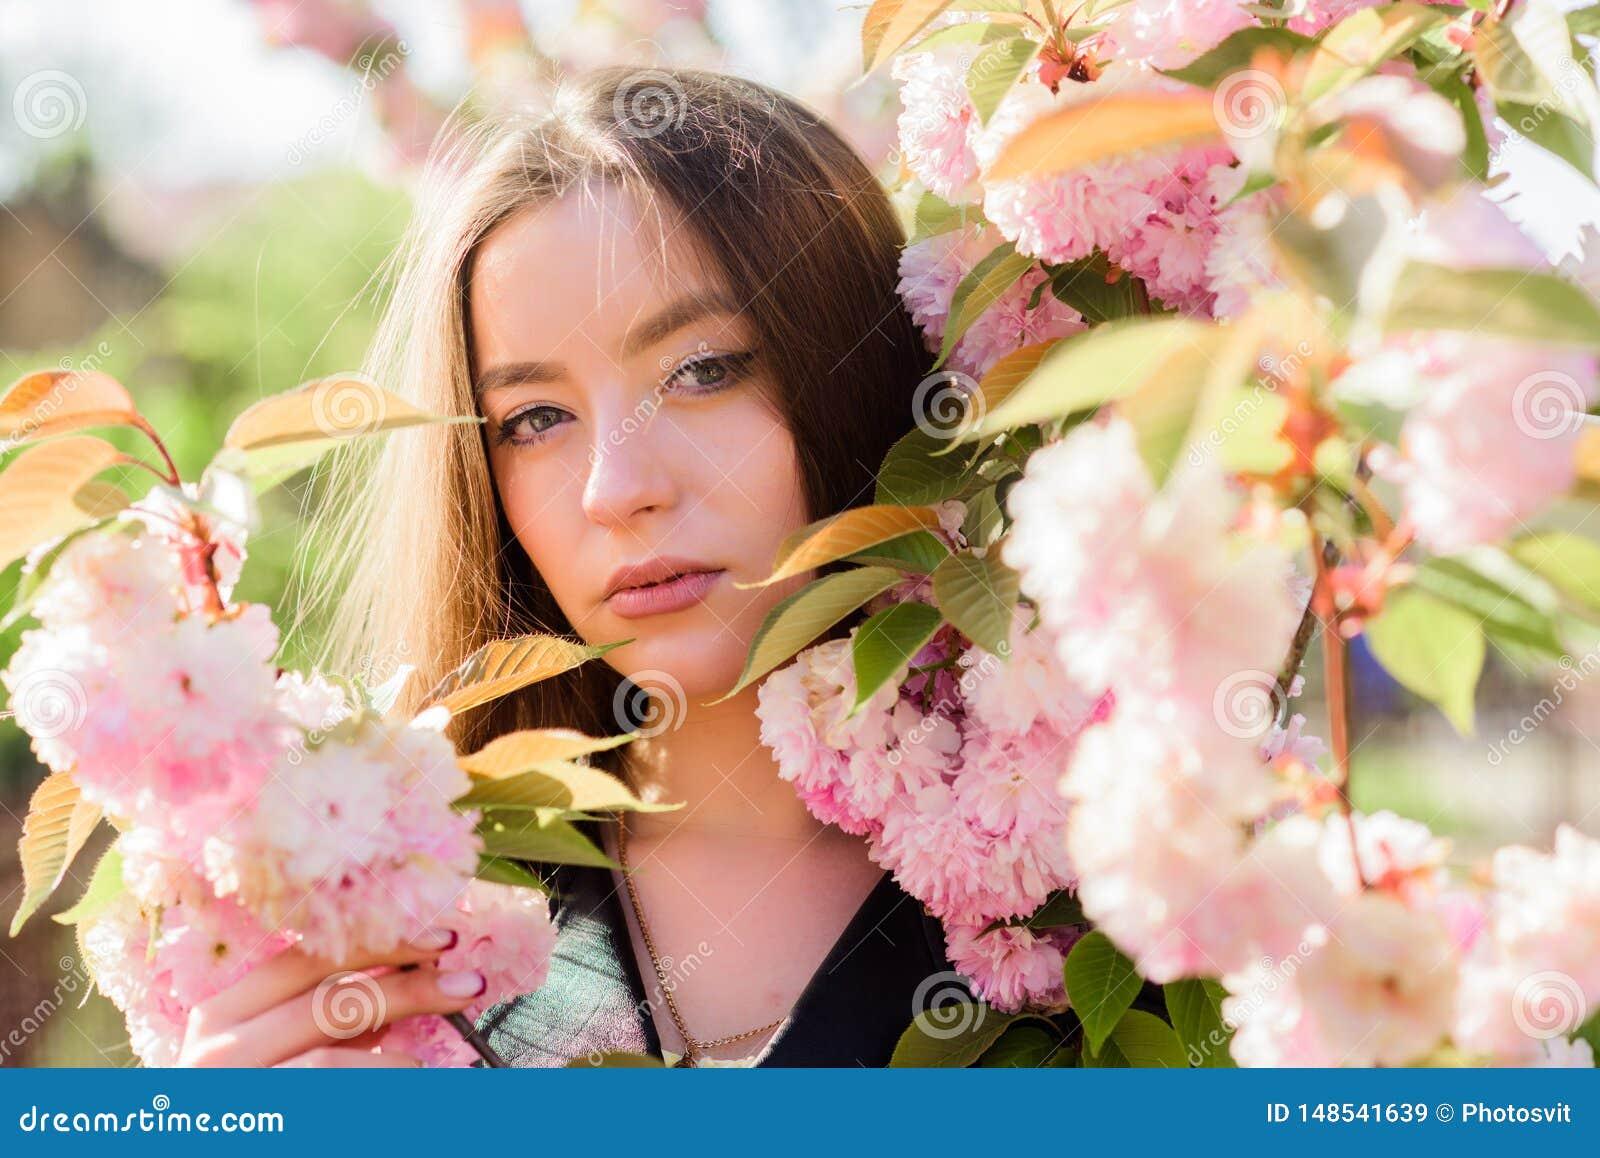 Μυρωδιά ανθών, αλλεργία skincare και SPA Φυσικά καλλυντικά για το δέρμα κορίτσι στο λουλούδι κερασιών Άνθιση δέντρων Sakura